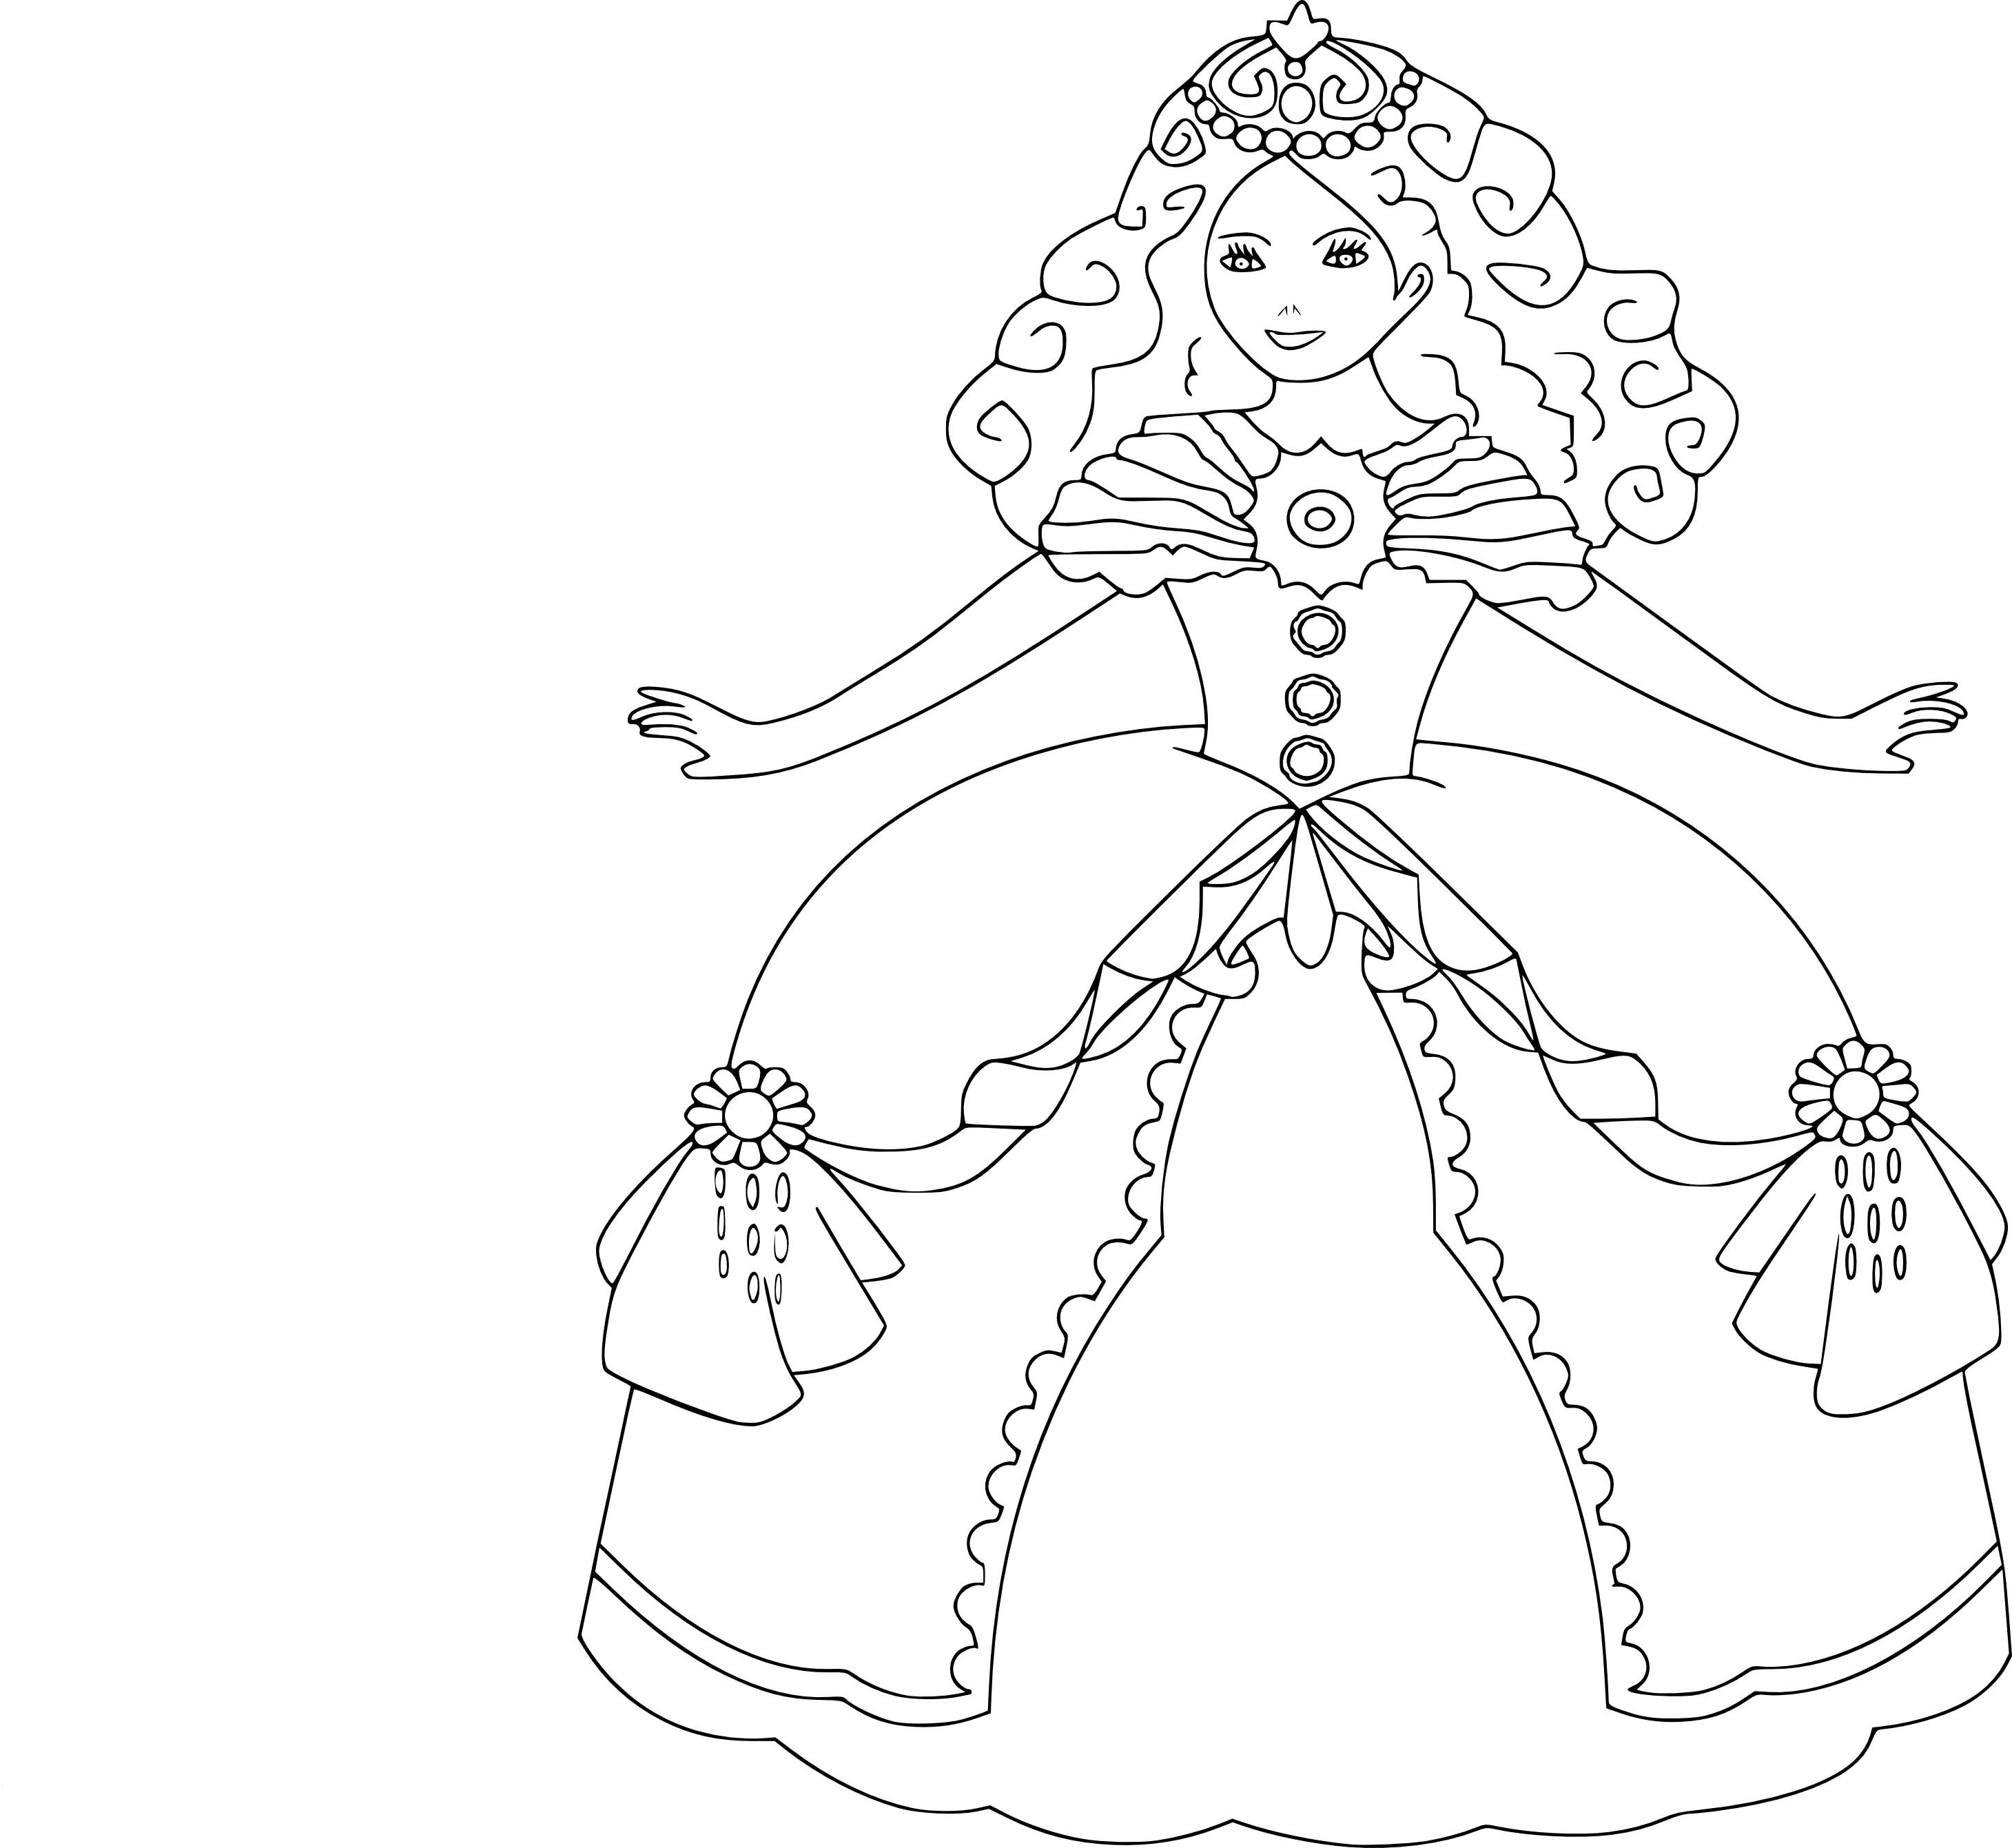 Coloriage princesse gratuit imprimer et colorier - Coloriage tractopelle a imprimer gratuit ...